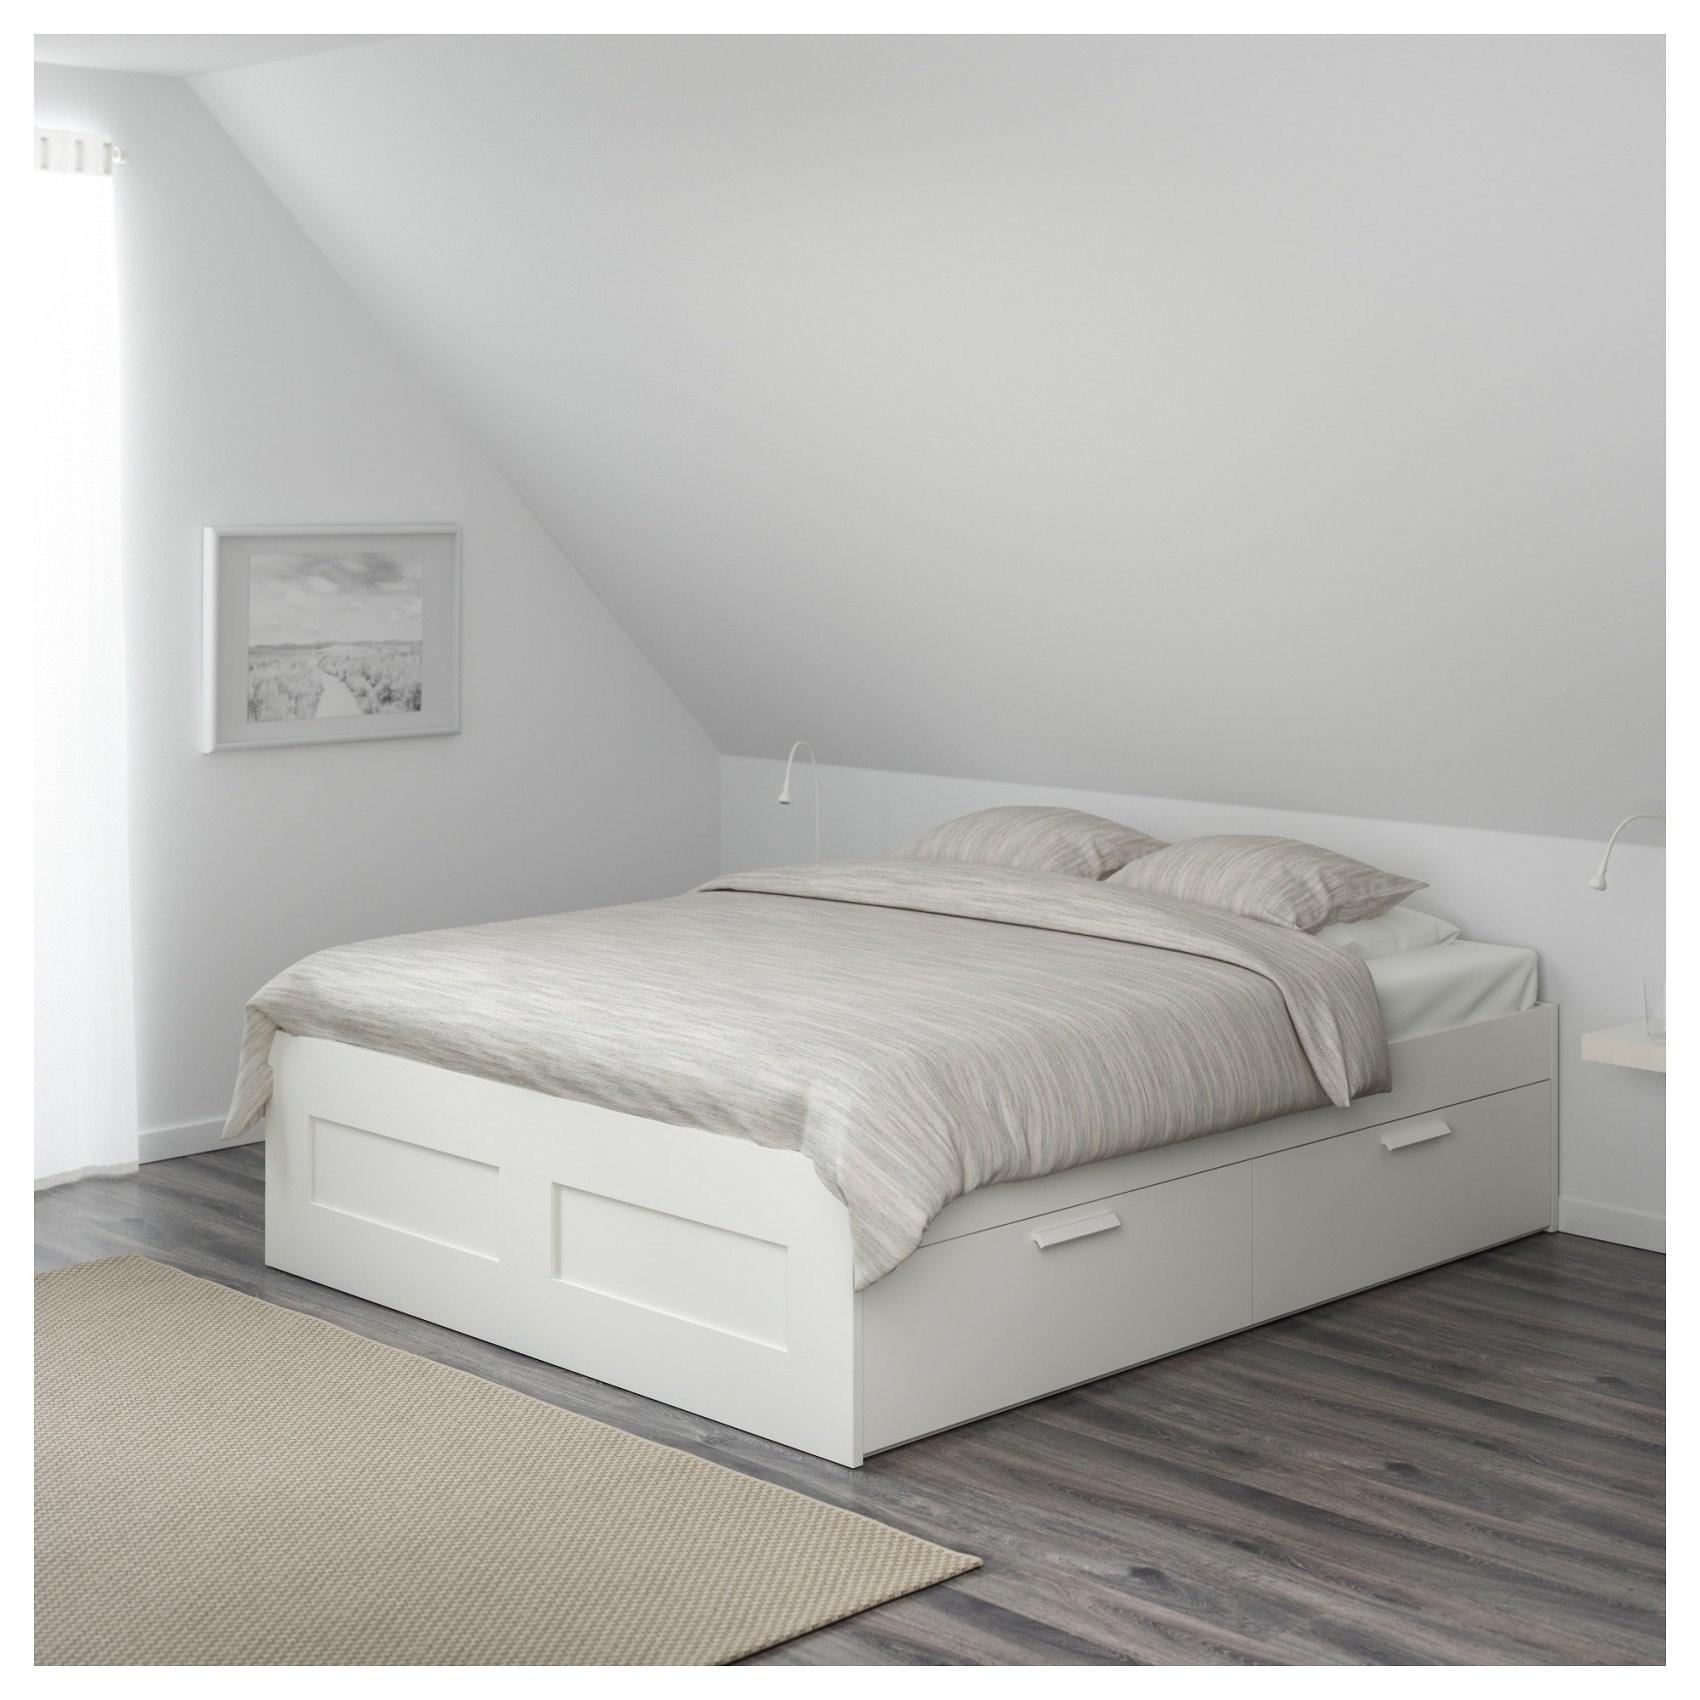 Brimnes Bedframe Met Opberglades  160X200 Cm  Wit  Ikea von Ikea Brimnes Bett 160X200 Bild